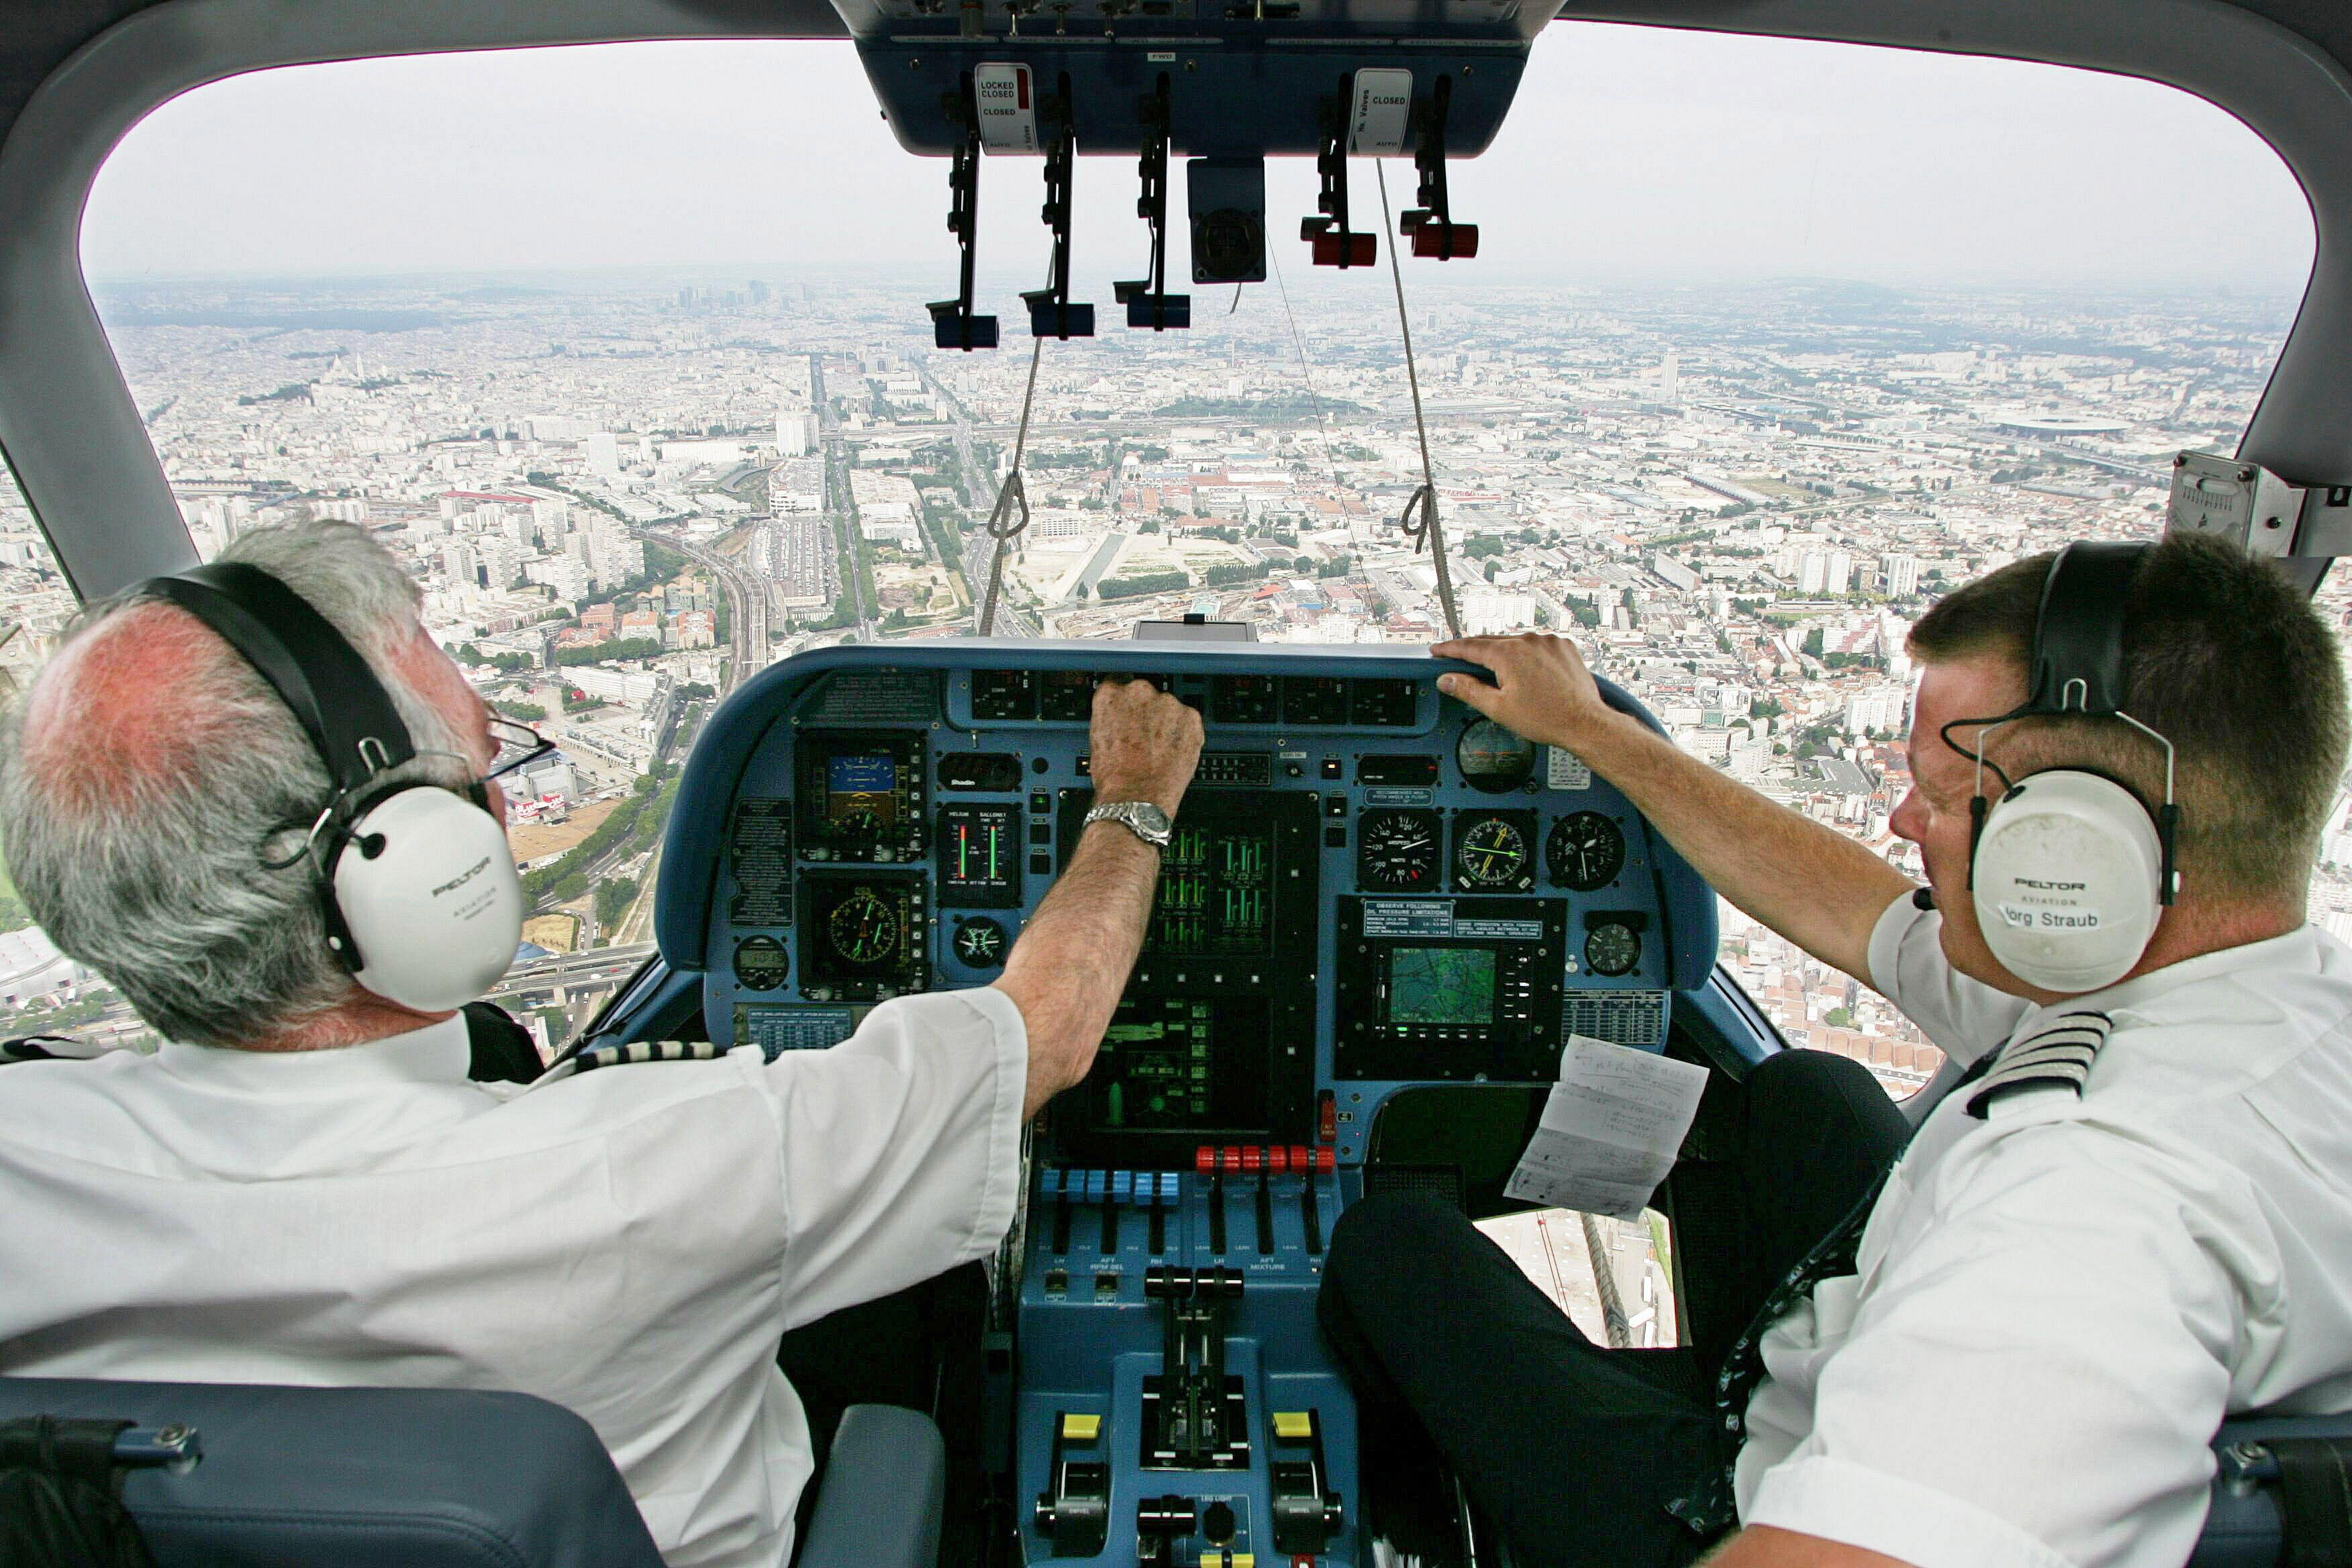 Troisième classe : derrière l'incident du passager expulsé du vol United airlines, voilà comment la montée des inégalités a mis la pression sur la qualité des services clients